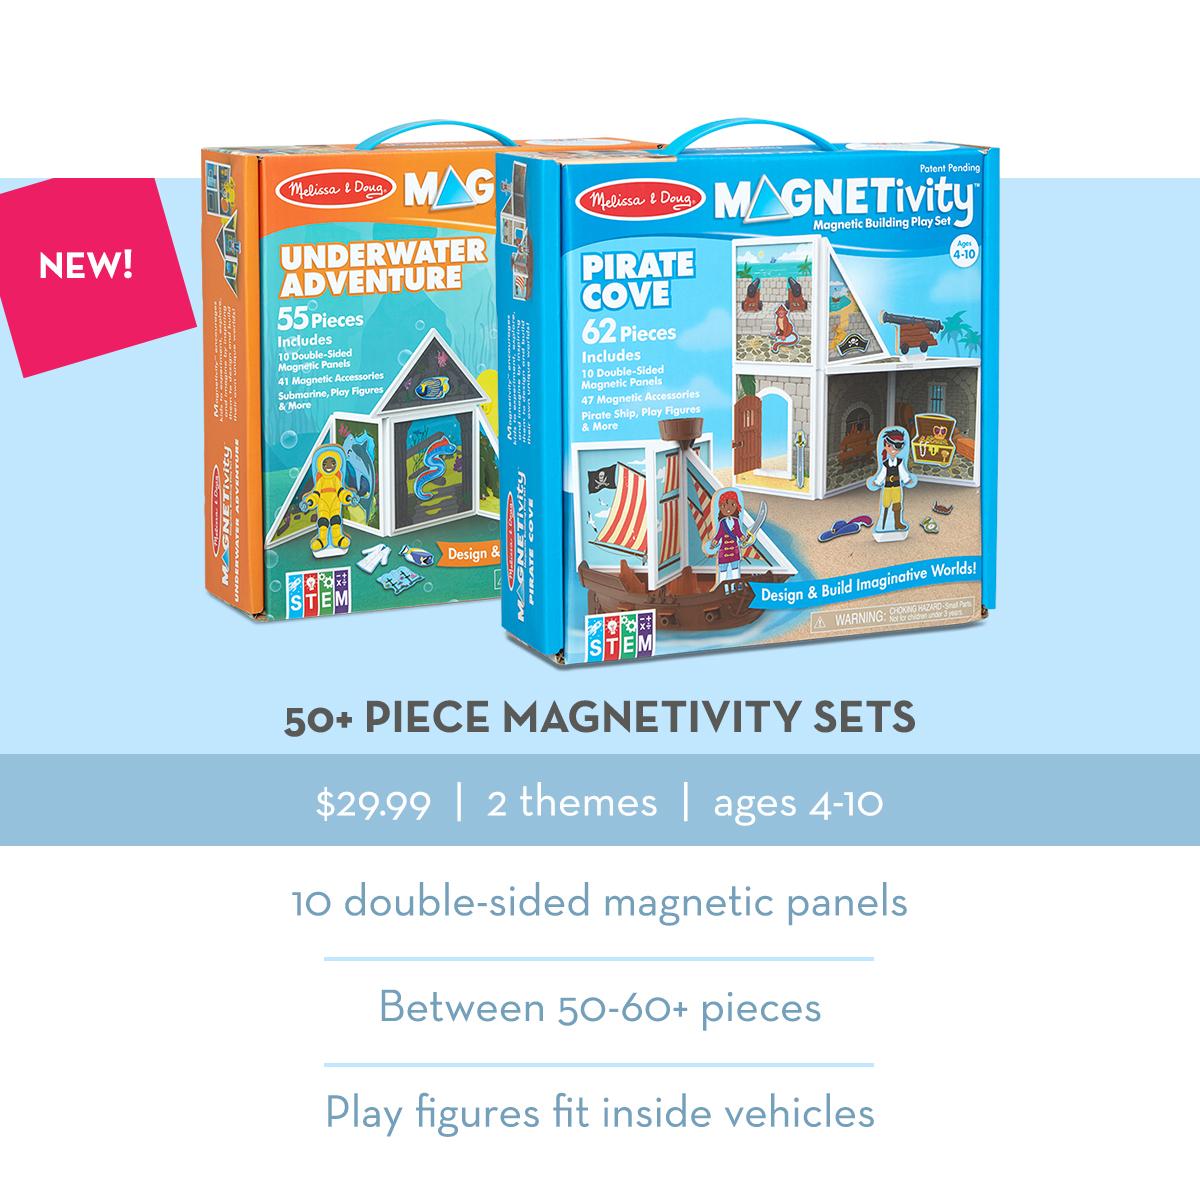 50+ Piece Magnetivity Sets